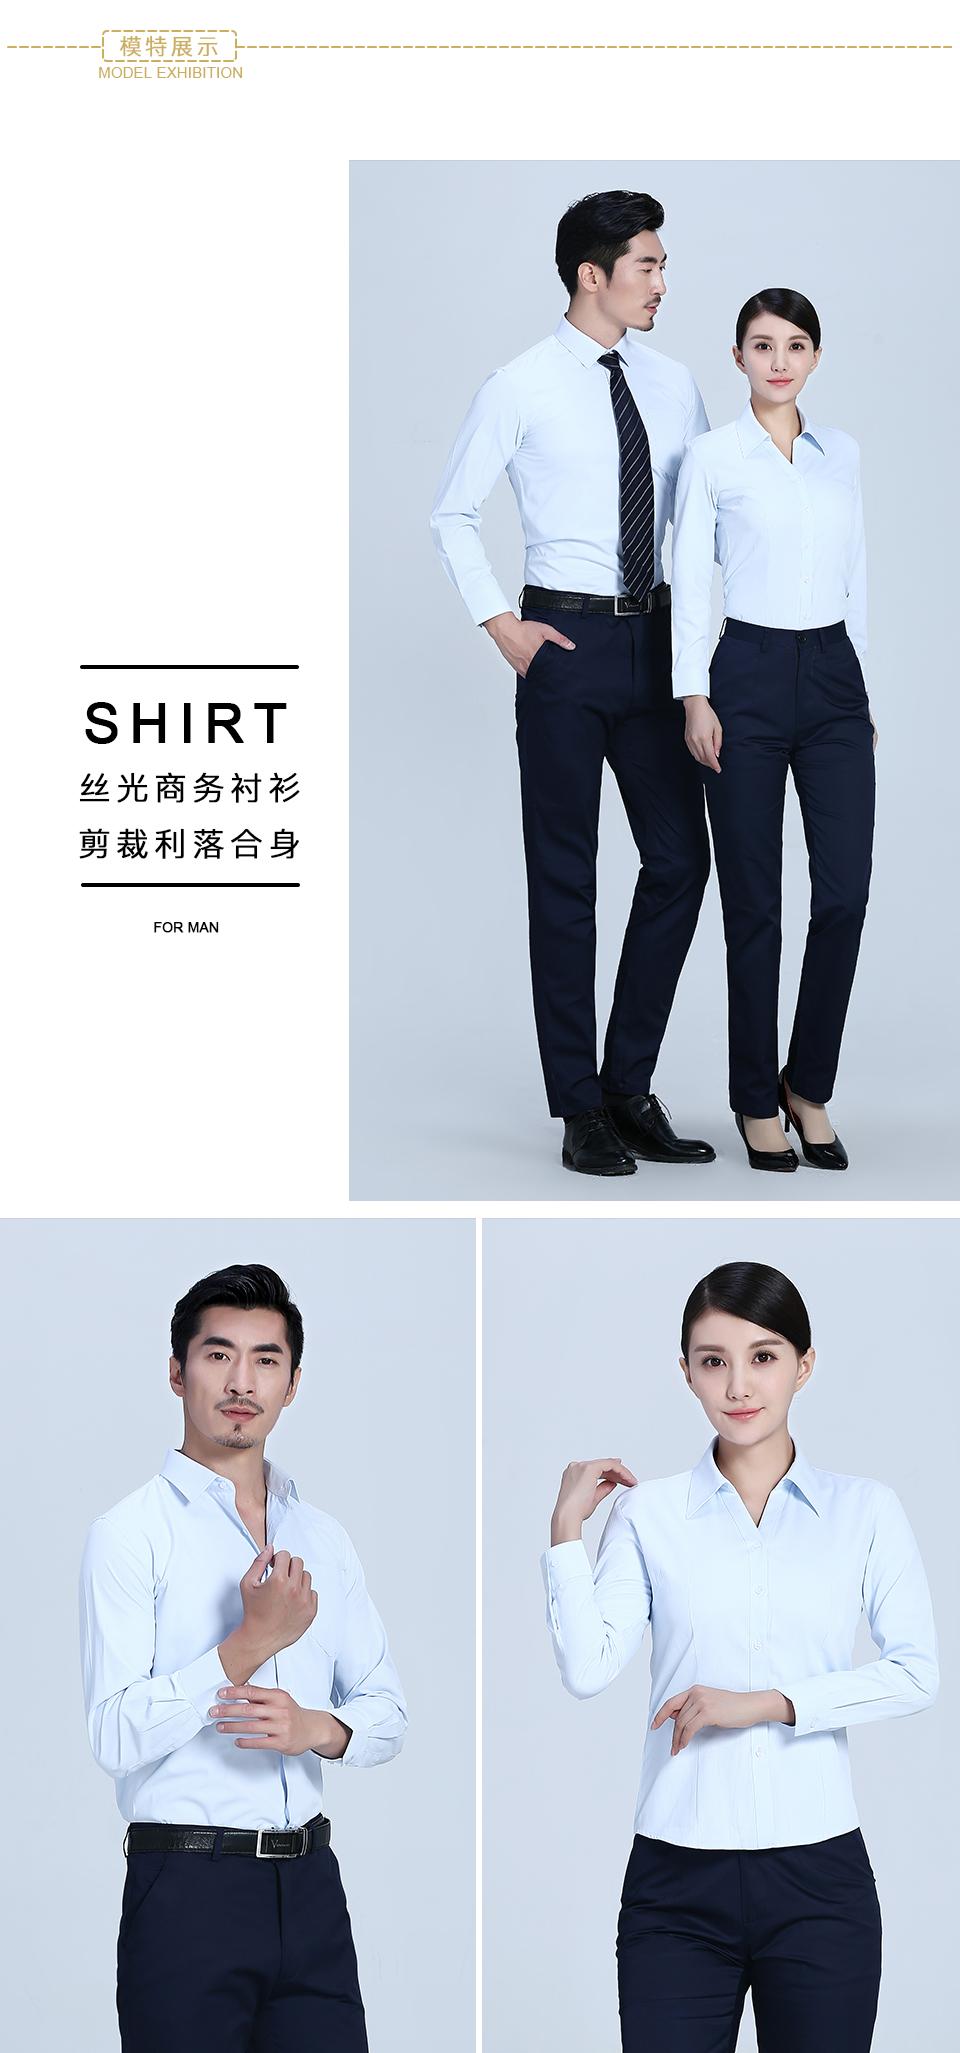 新衬衫浅蓝女浅蓝商务长袖衬衫